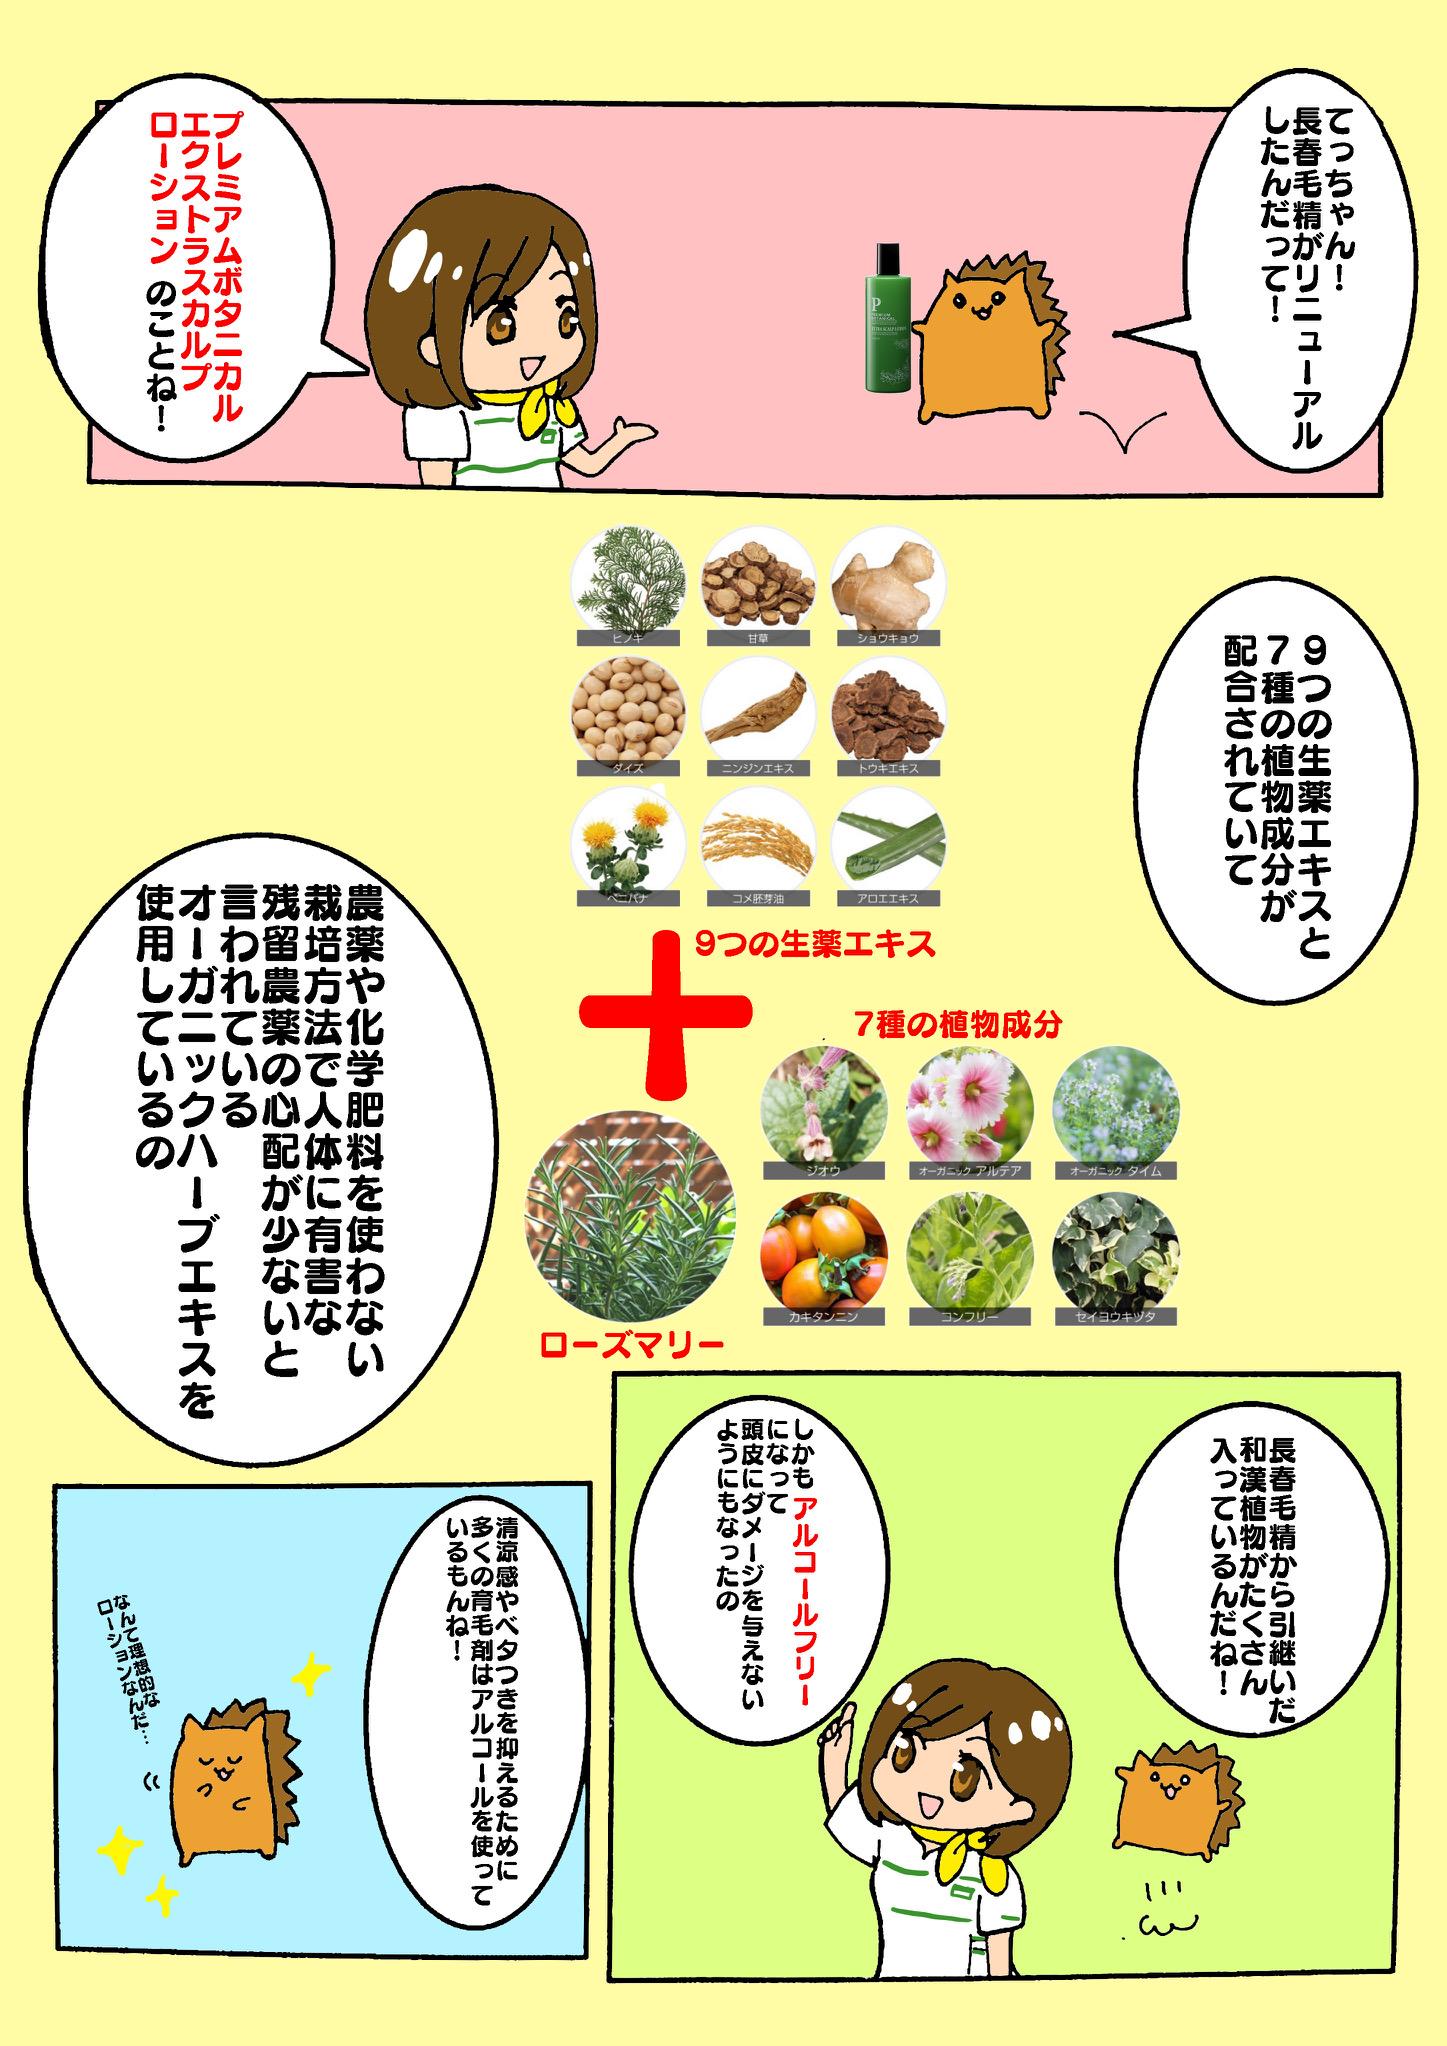 新☆BIO漫画 第三話 プレミアムボタニカルエクストラスカルプローションのお話